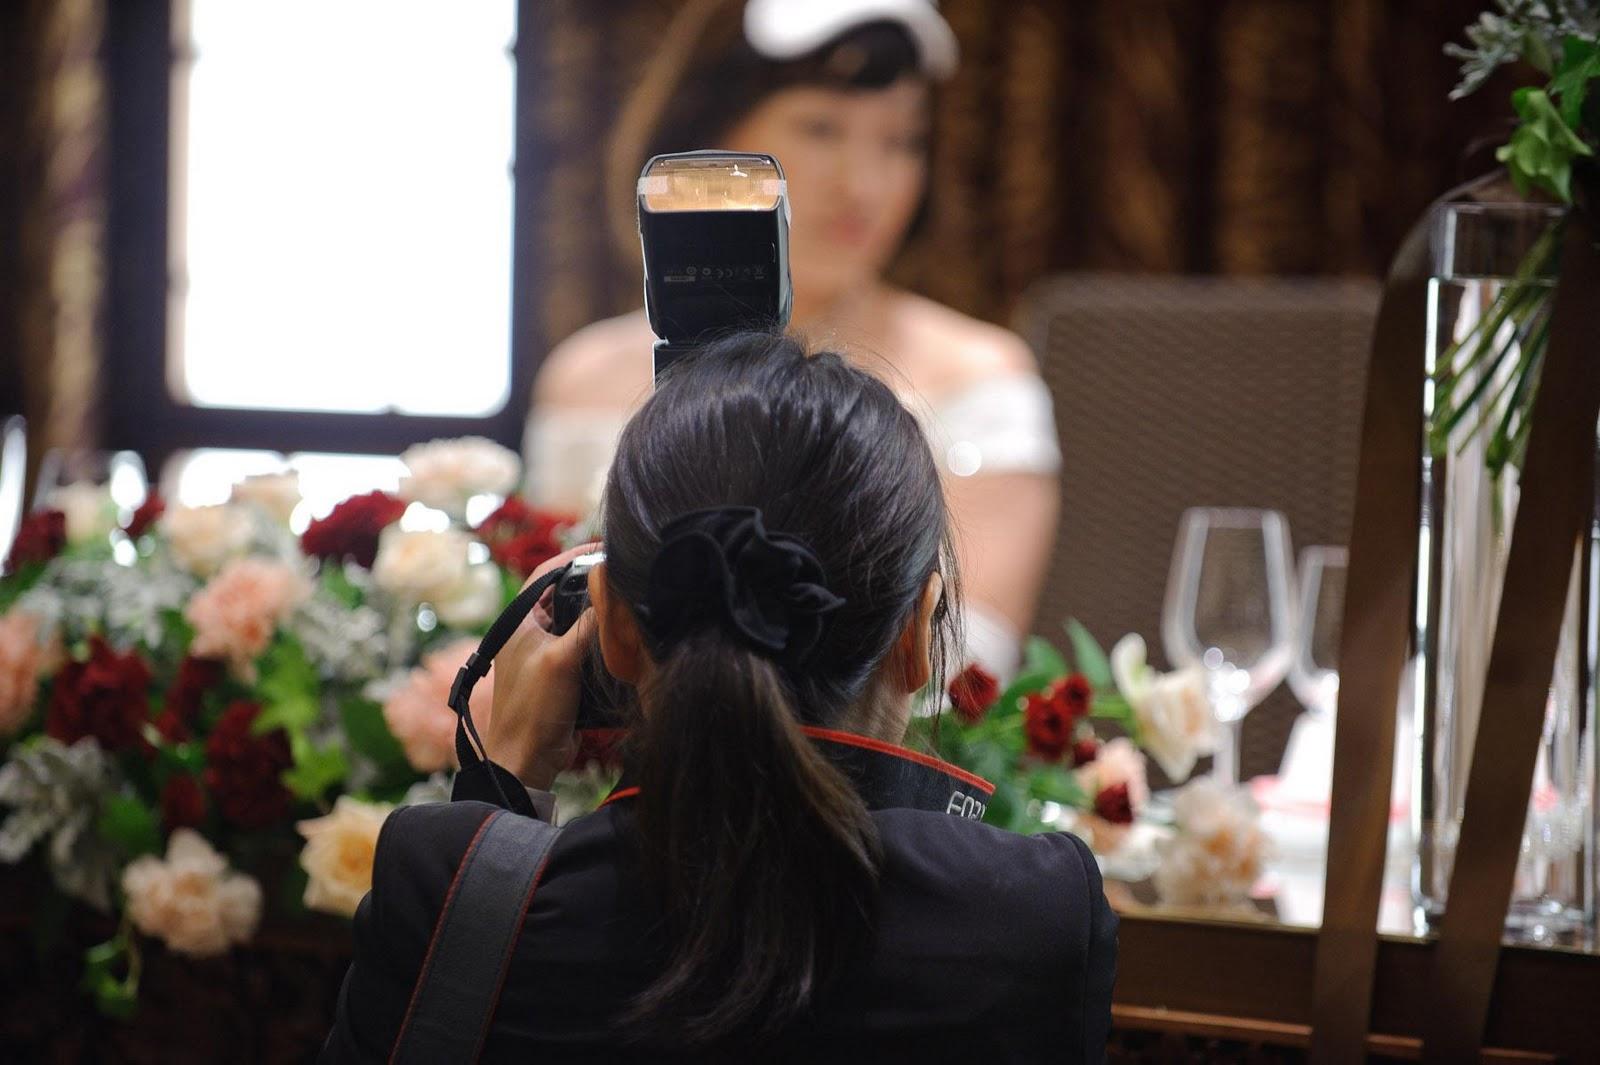 Nikon D700   Nikkor 70-200mm